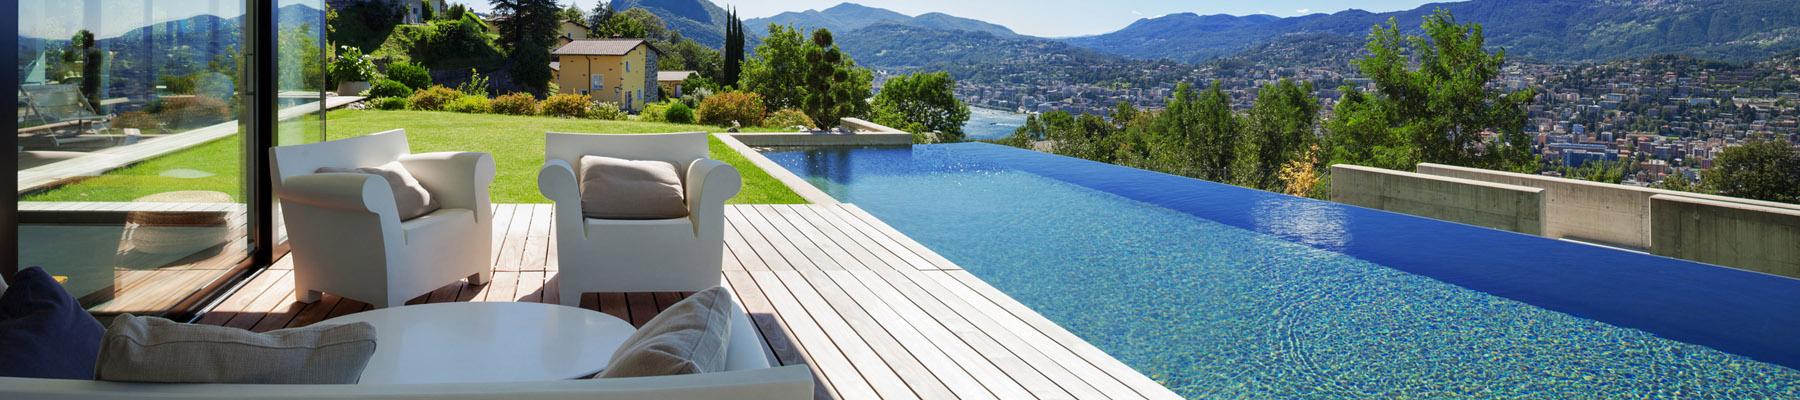 Bild von Urlaub mit Pool